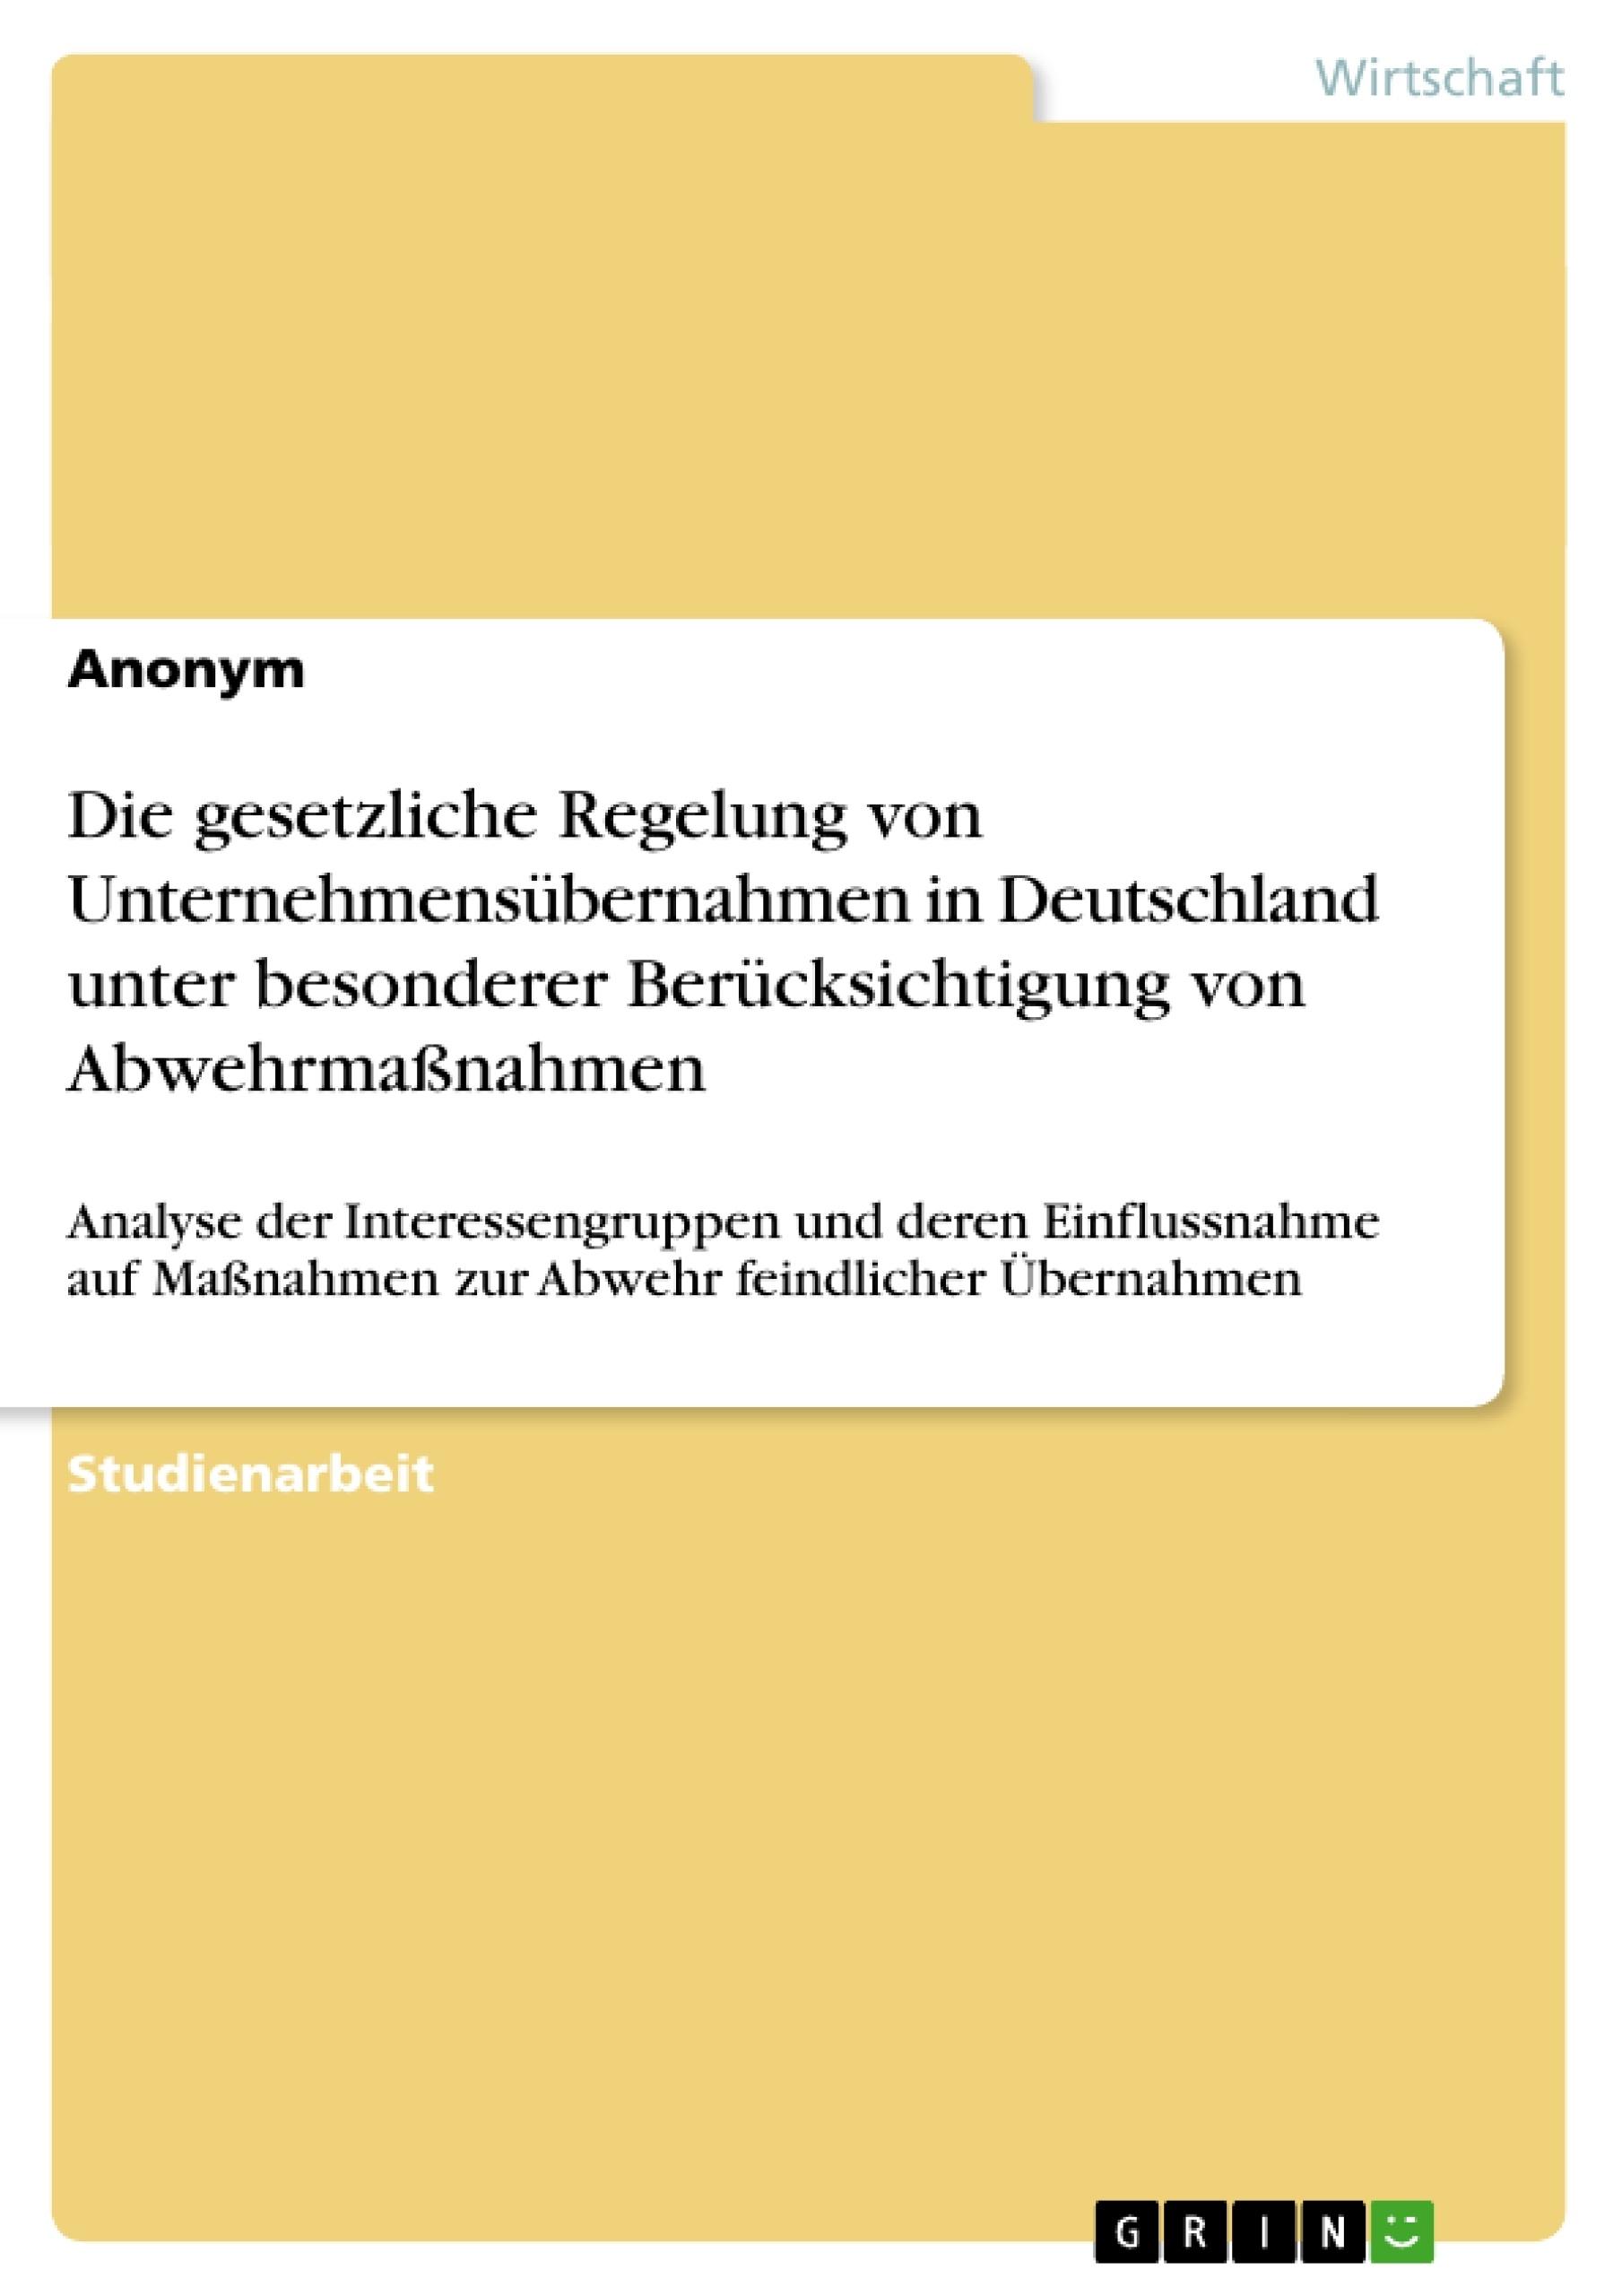 Titel: Die gesetzliche Regelung von Unternehmensübernahmen in Deutschland unter besonderer Berücksichtigung von Abwehrmaßnahmen